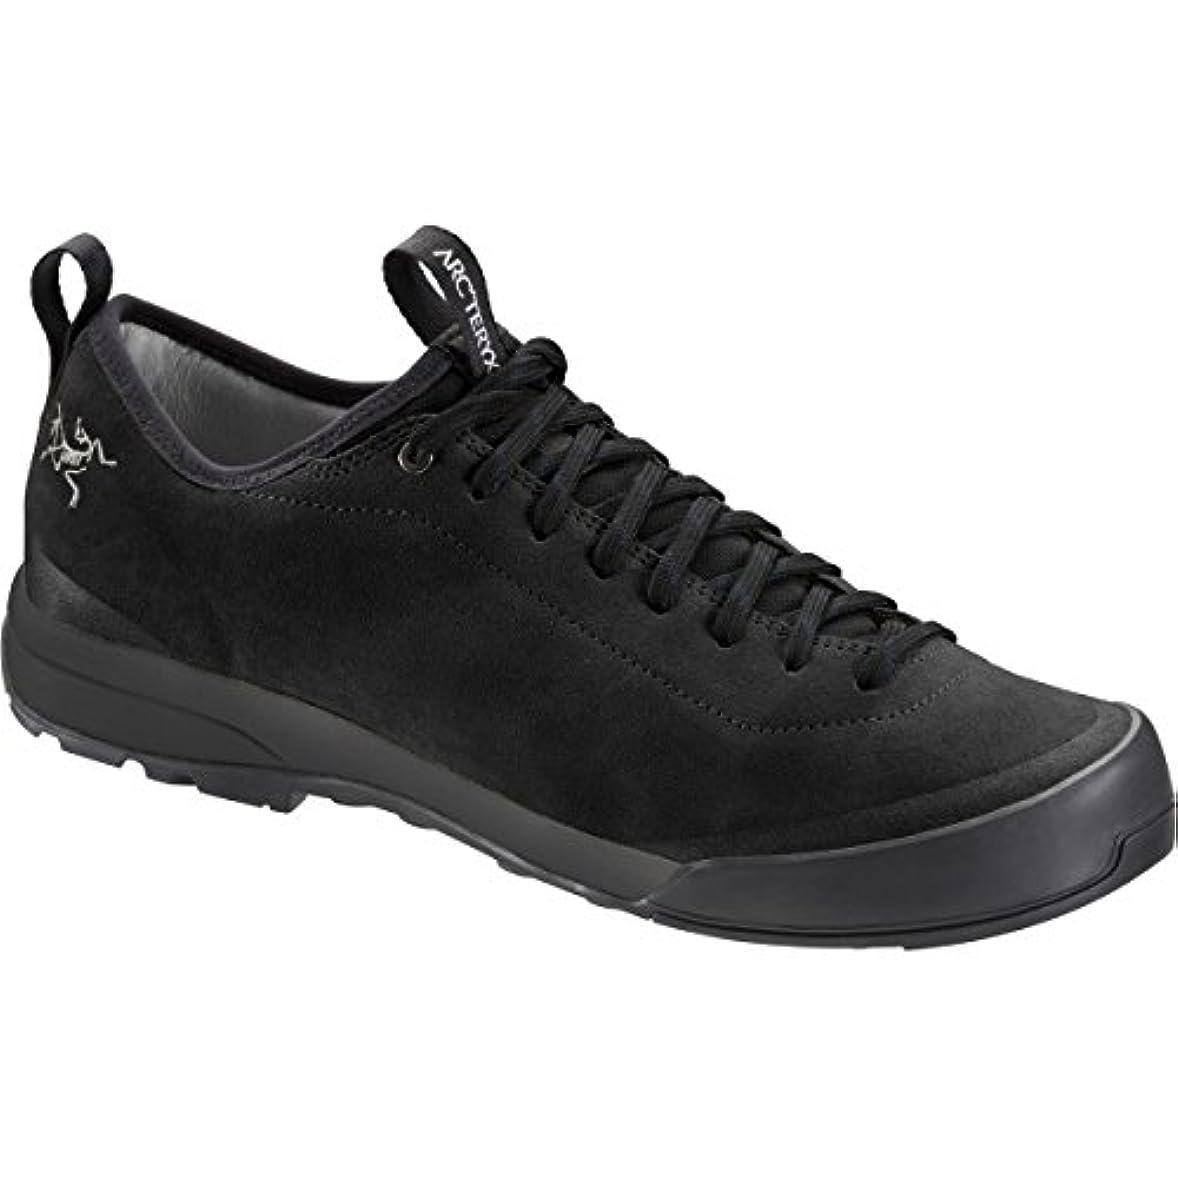 出席する投げる打撃(アークテリクス) Arc'teryx Acrux SL Leather Approach Shoe メンズ アプローチシューズ [並行輸入品]